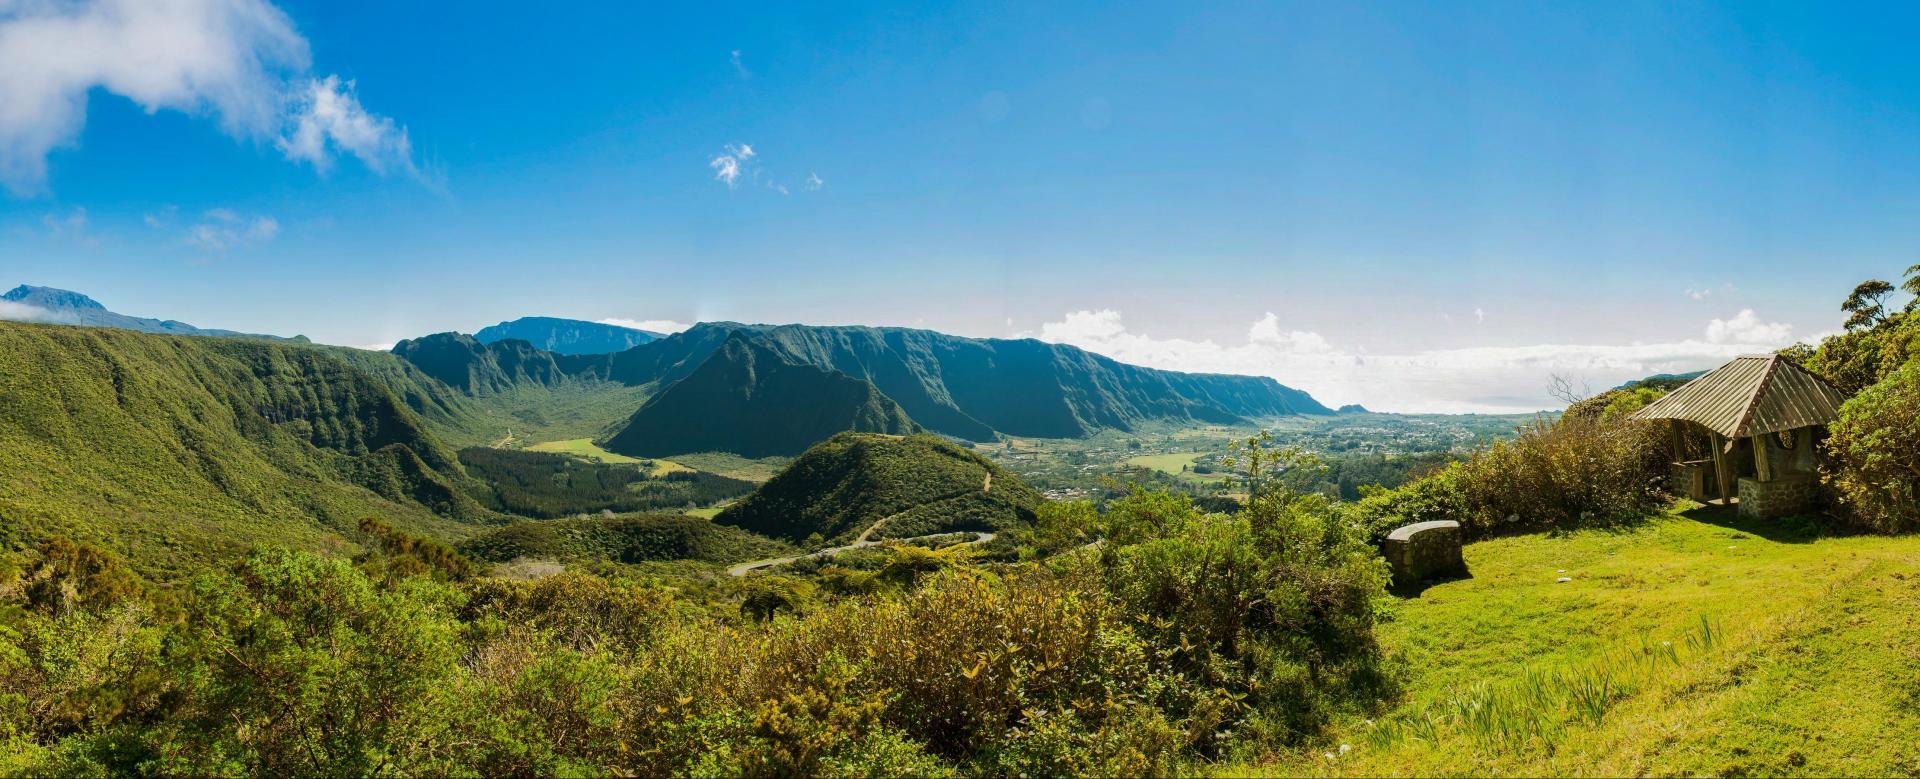 Voyage à pied : L'éden volcanique